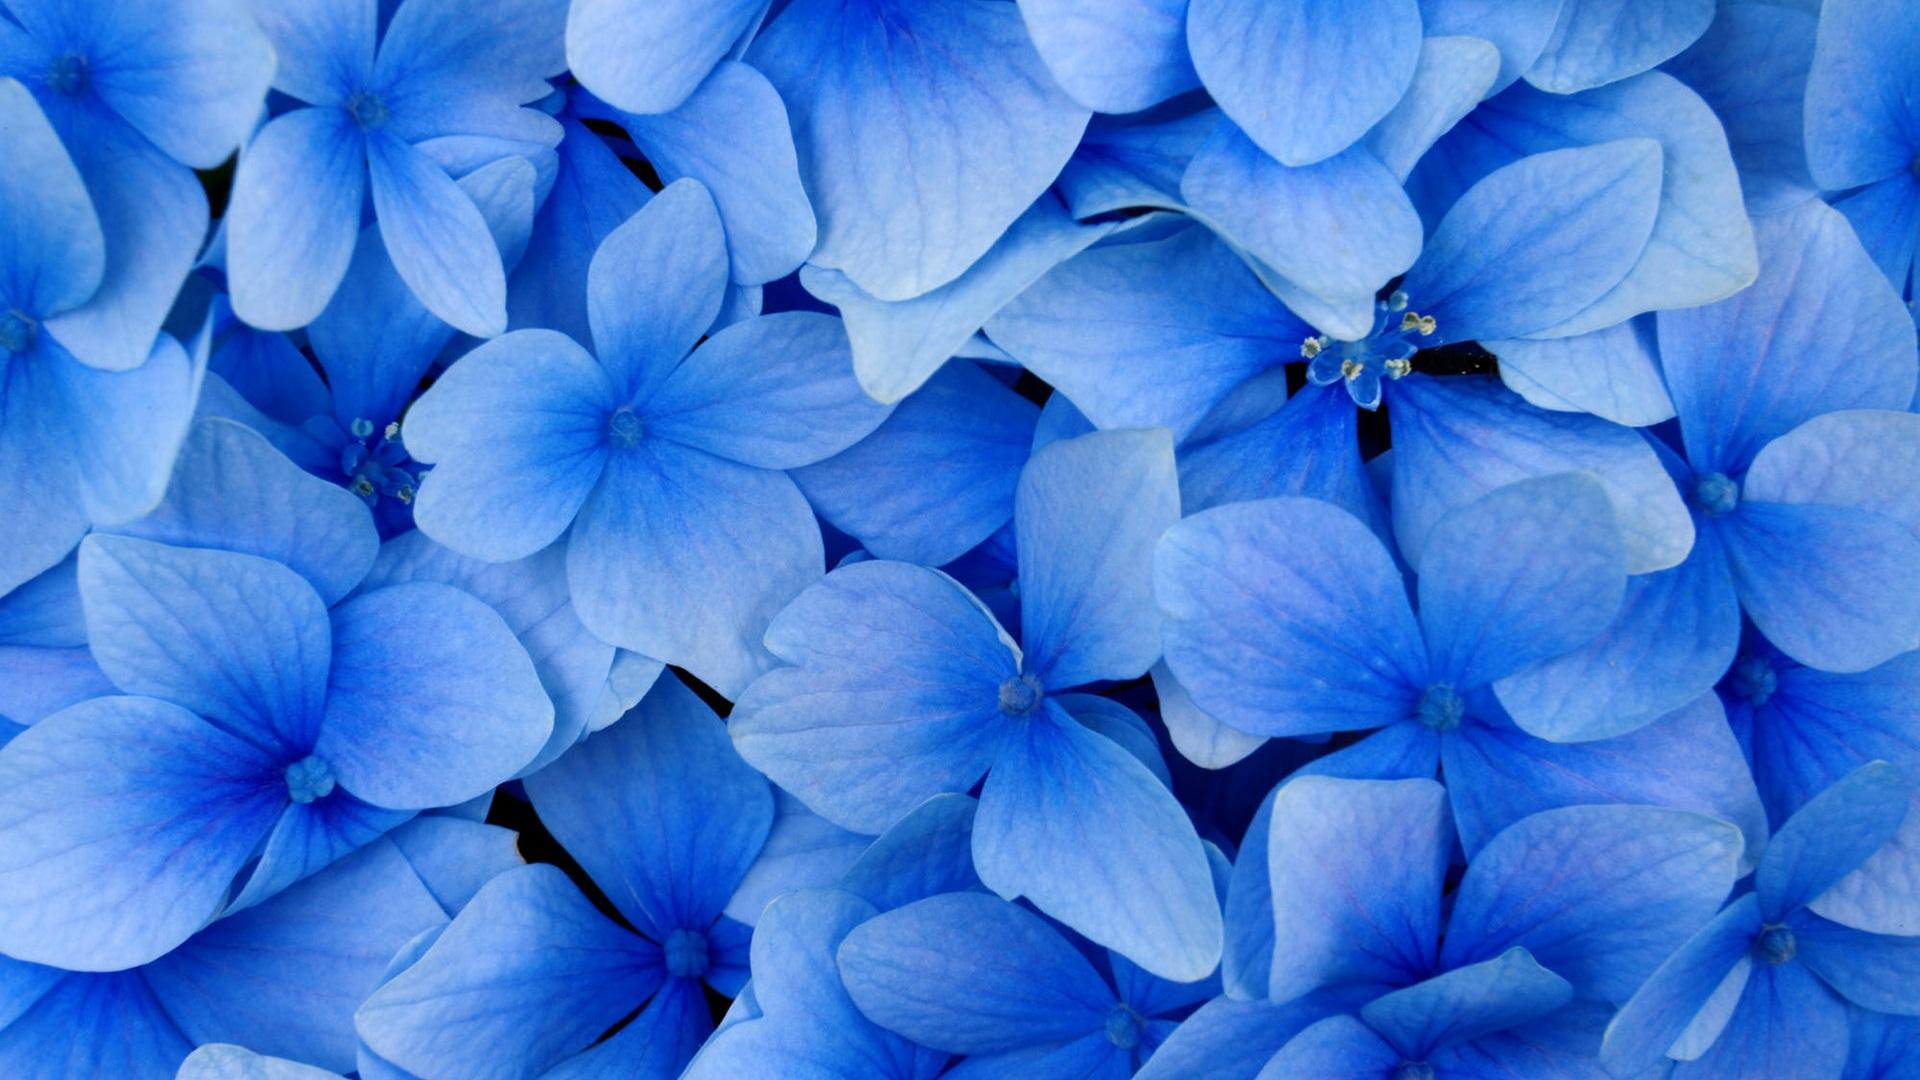 1920x1080 梅雨 の あじさい が 美しい壁紙 紫陽花 壁紙